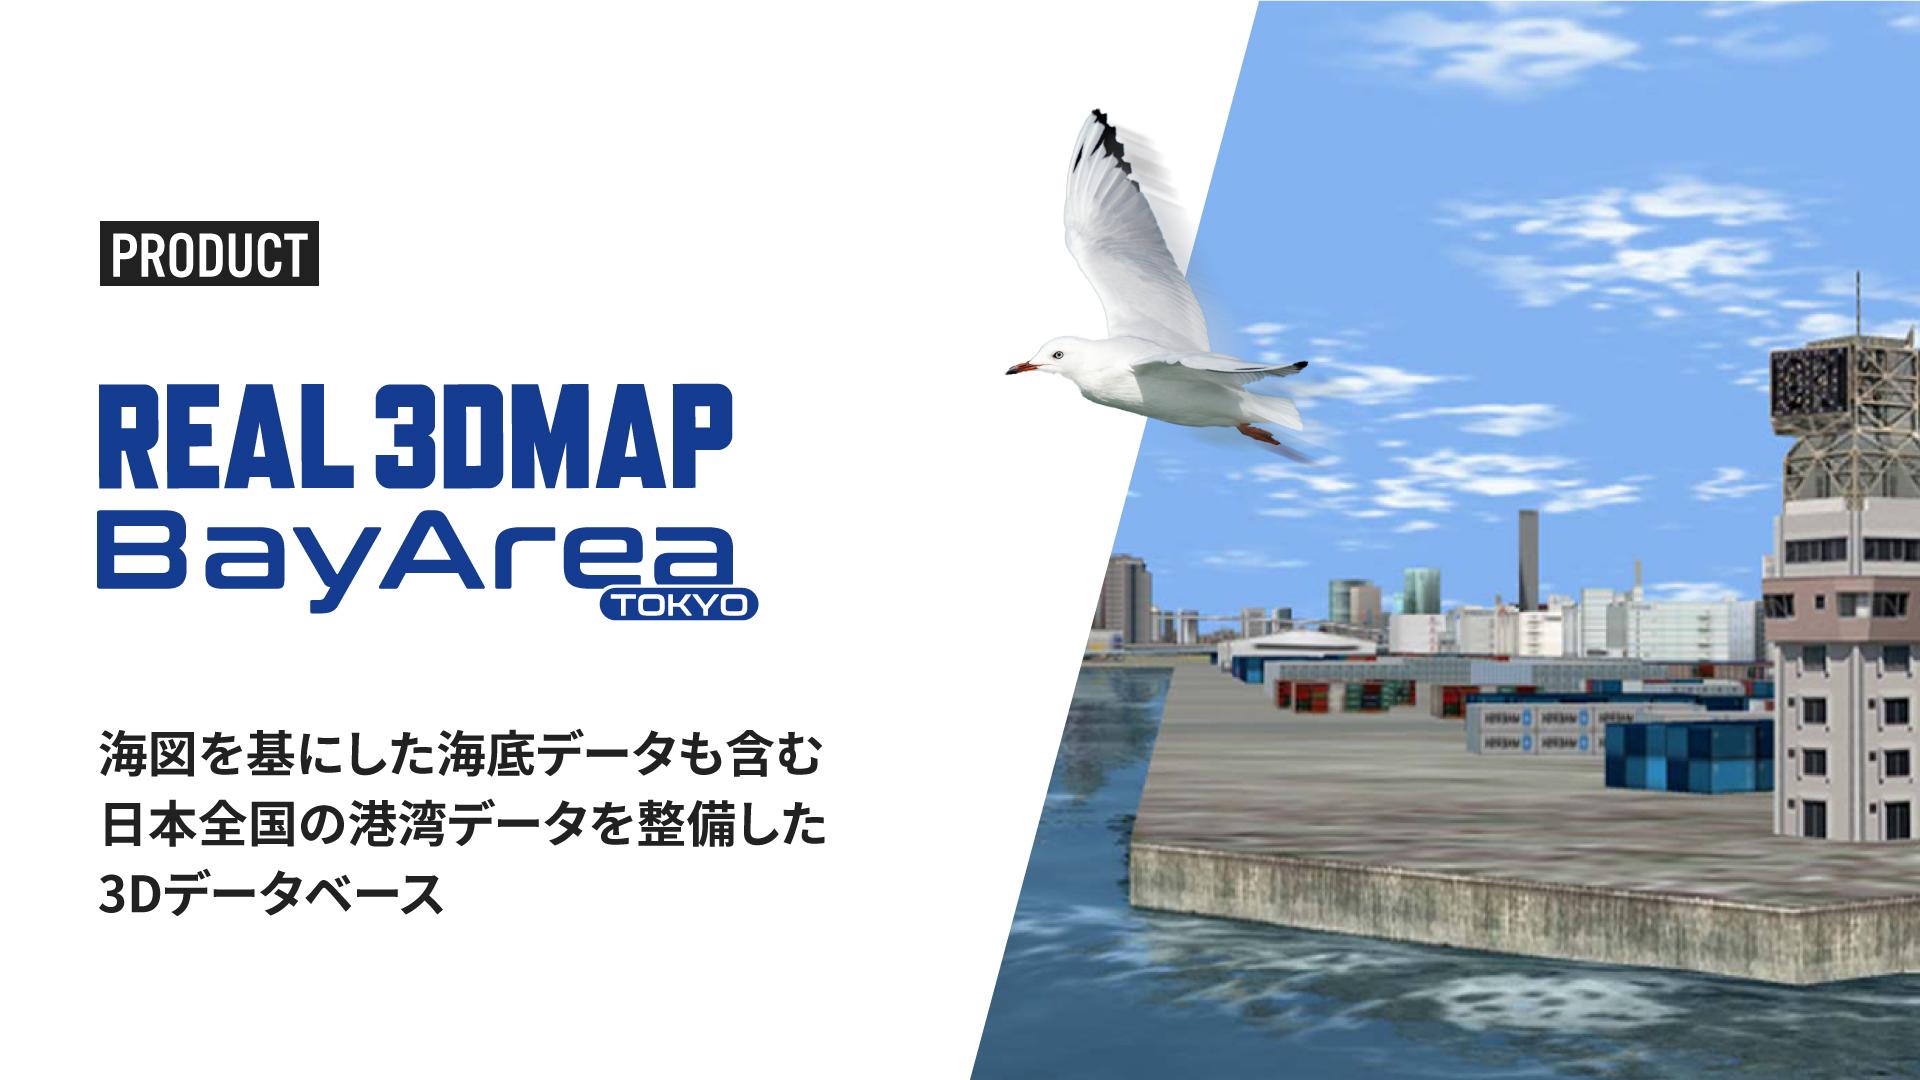 海図を基にした海底データも含む日本全国の港湾データを整備した3Dデータベースです。